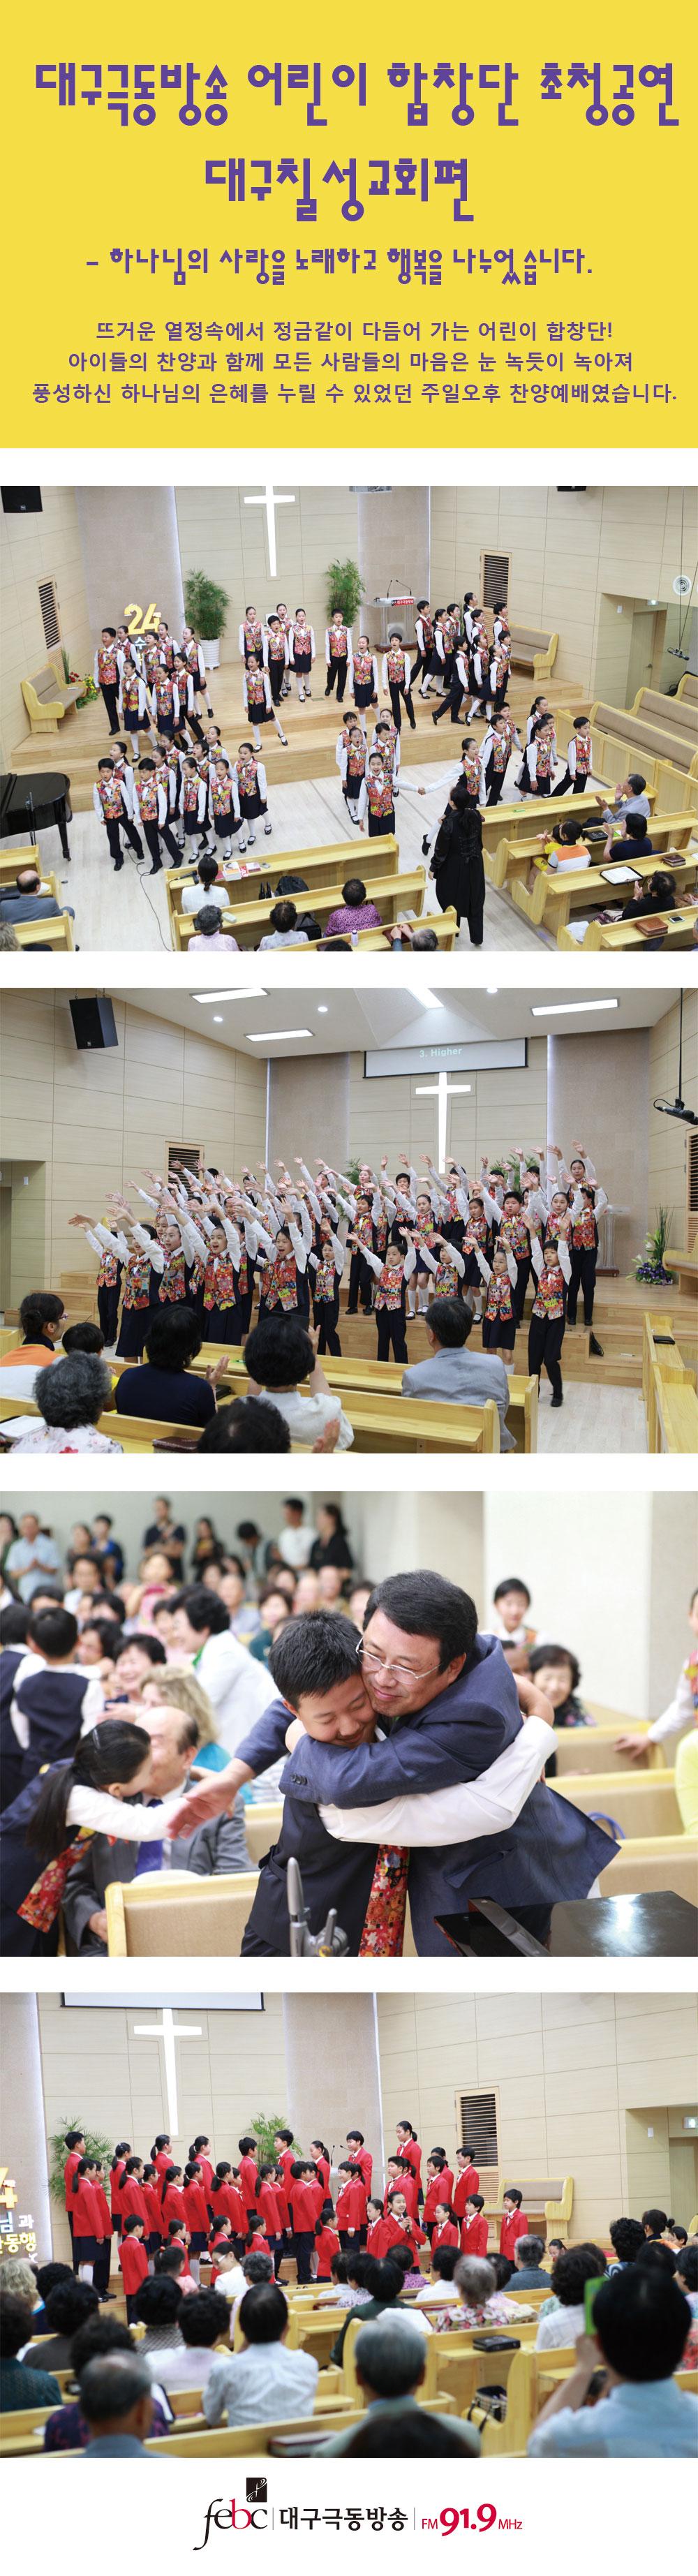 어합초청공연---대구칠성교회.jpg